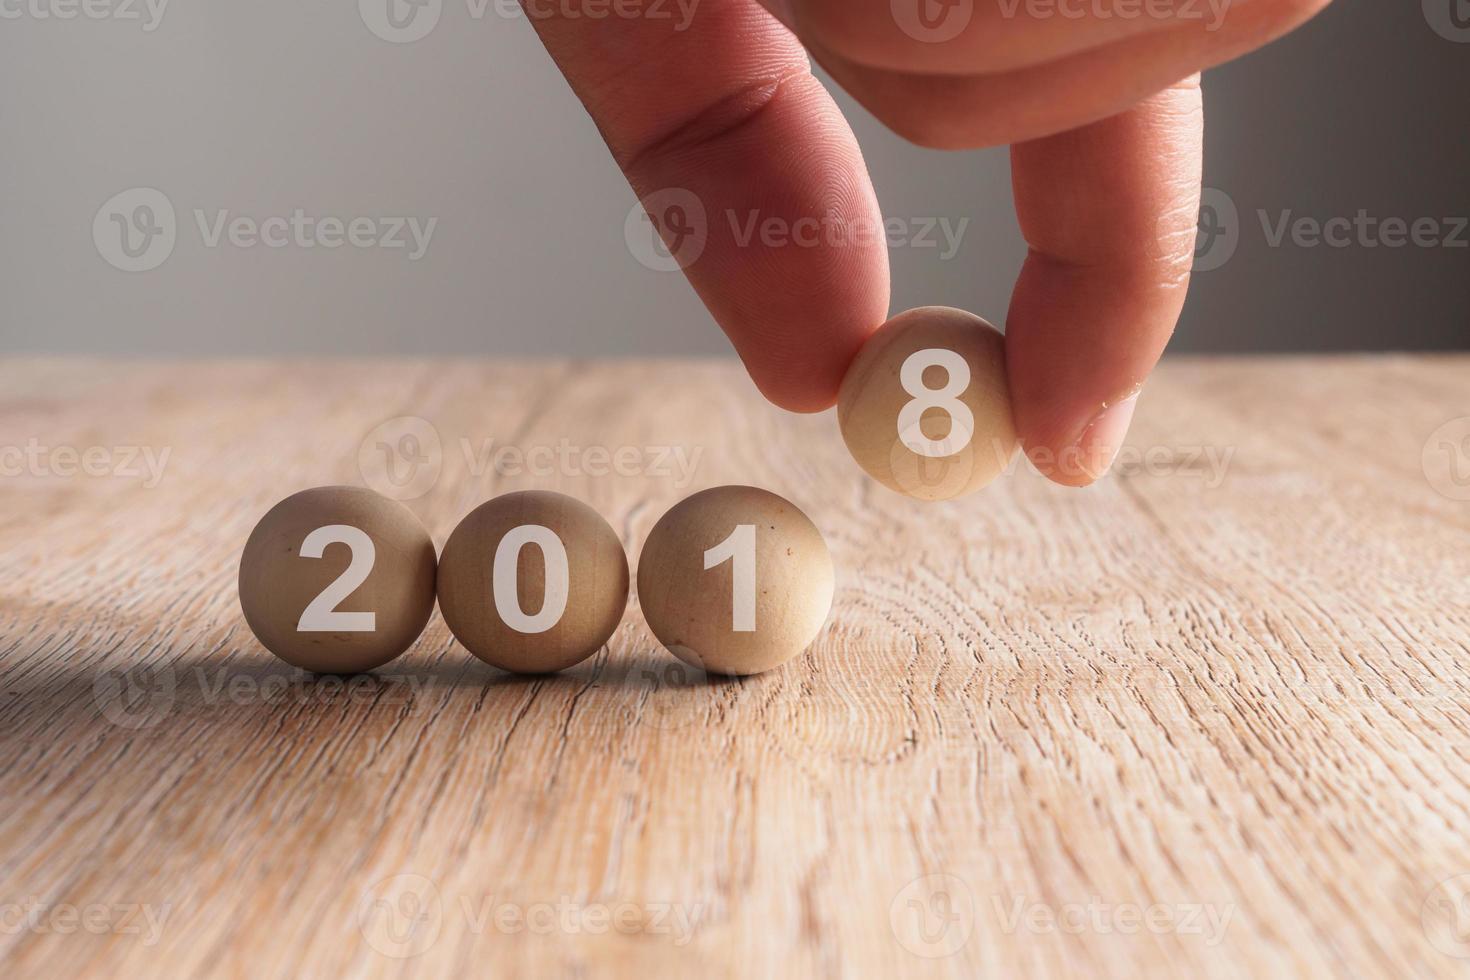 Mano poniendo 2018 palabra escrita en bola de madera foto